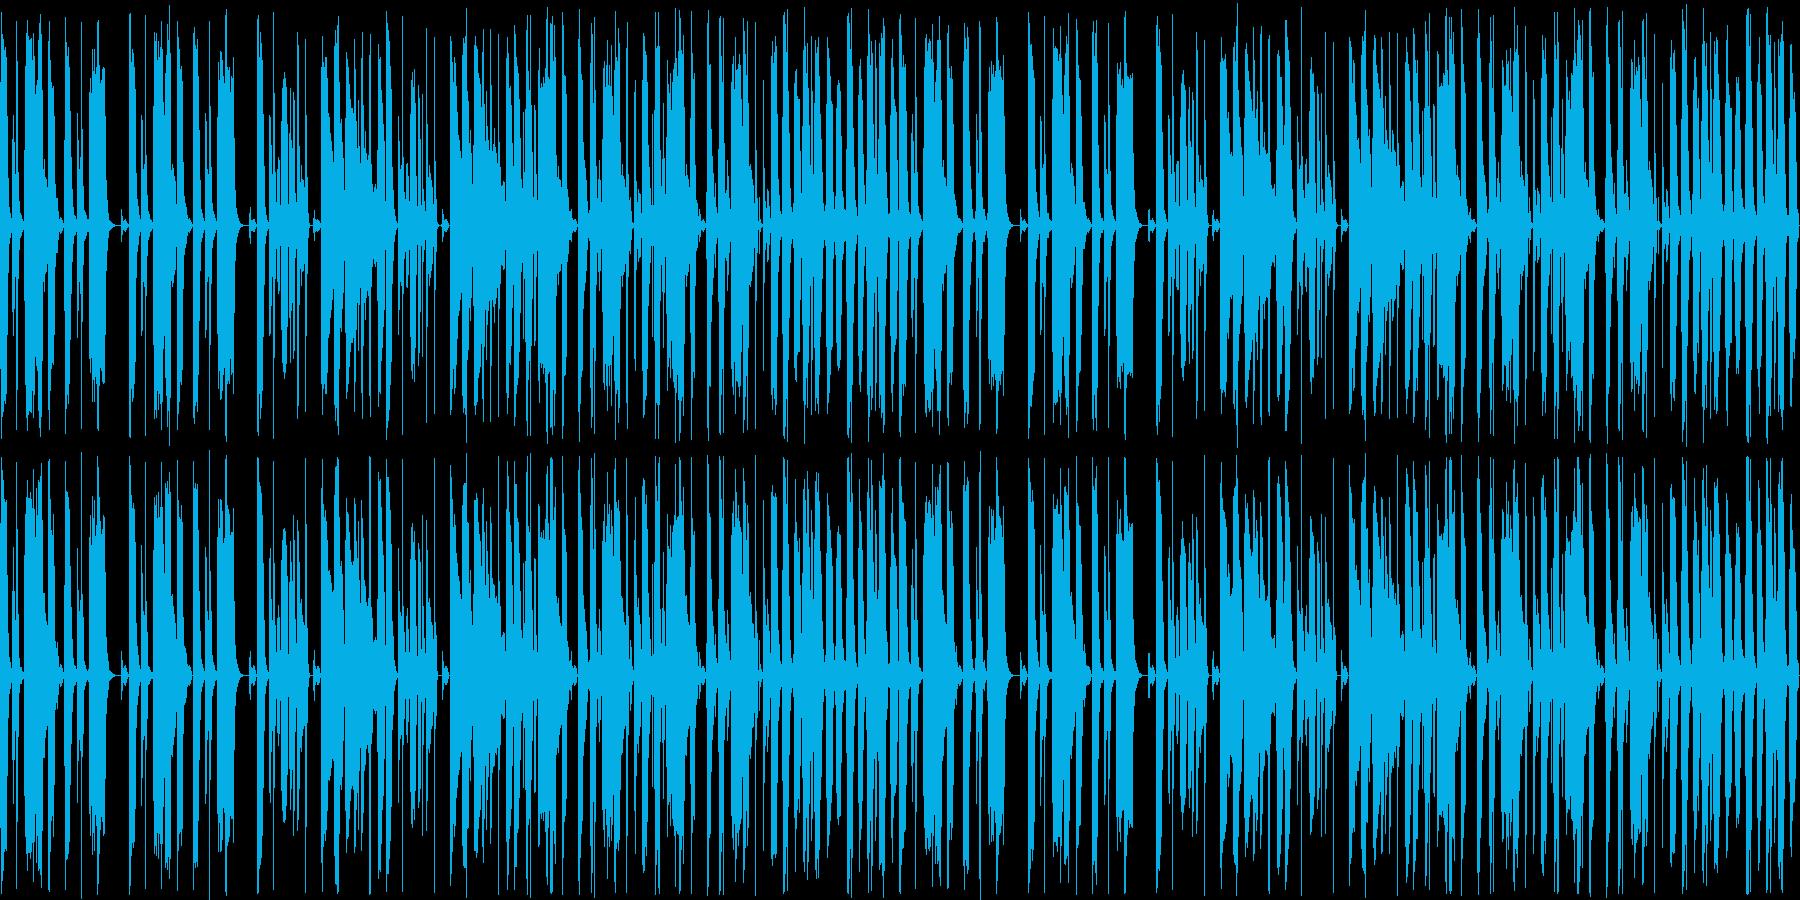 シンプルイズベスト。シュールな映像にも…の再生済みの波形